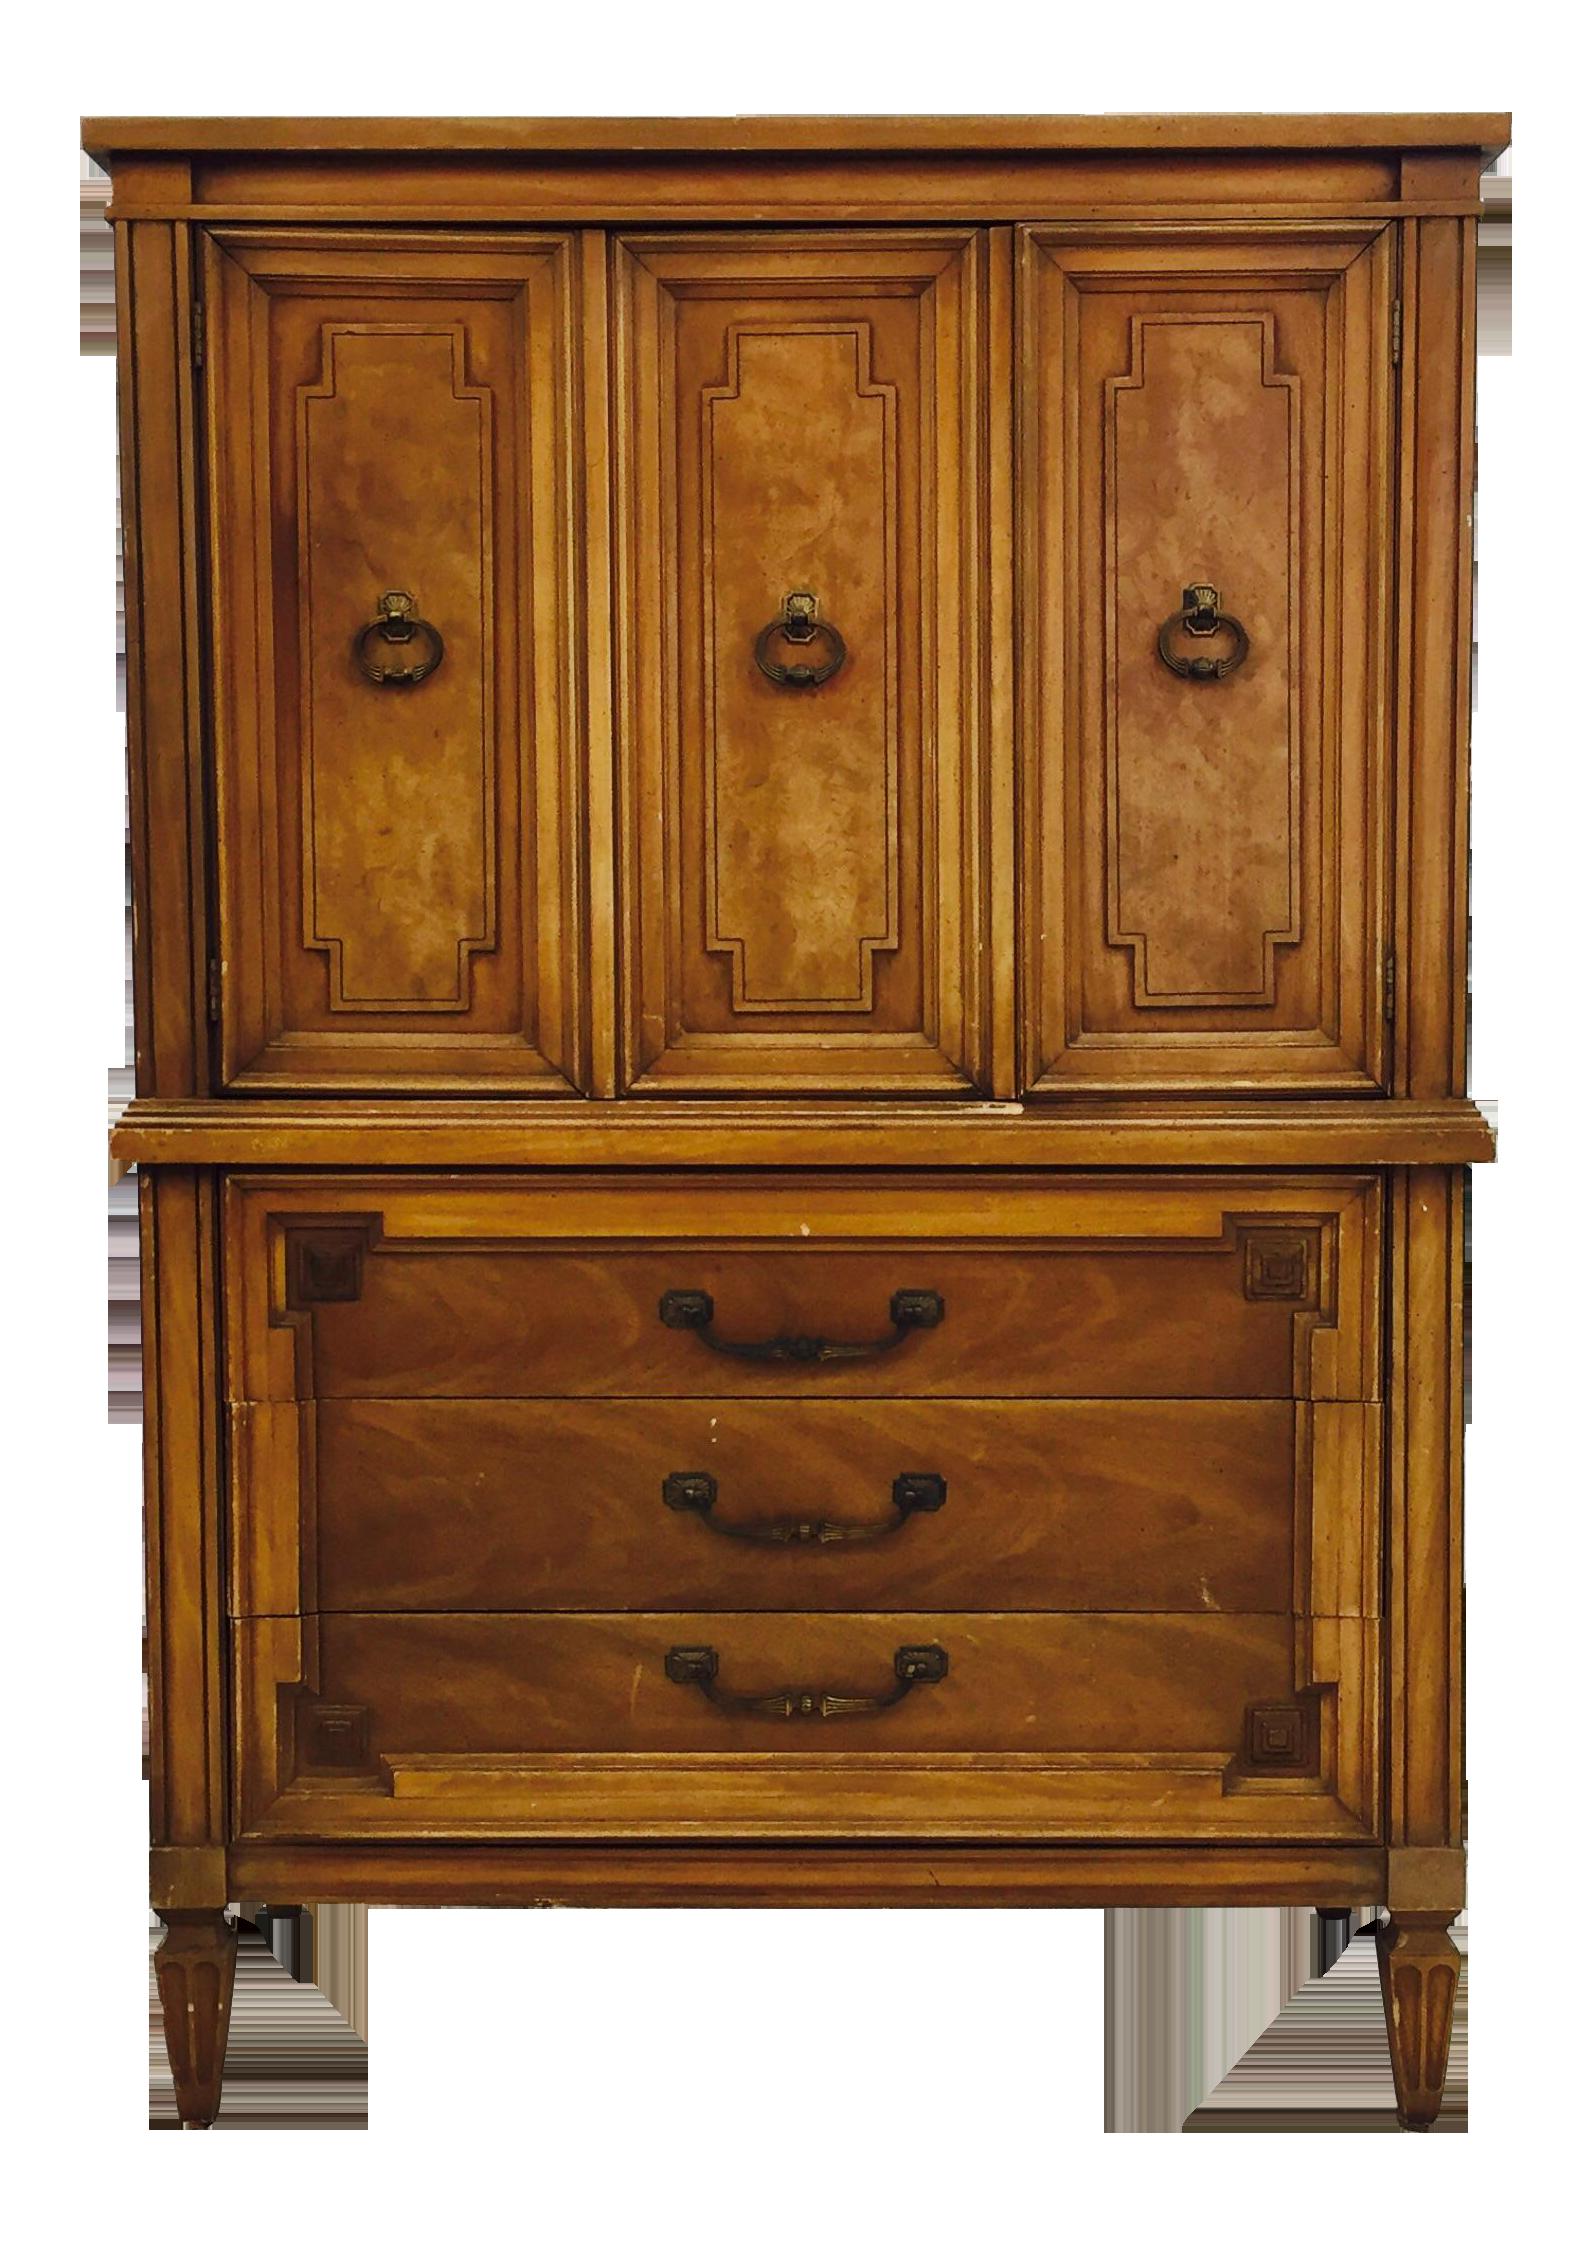 Image of Vintage Thomasville Tall Dresser Chest - Vintage Thomasville Tall Dresser Chest Chairish